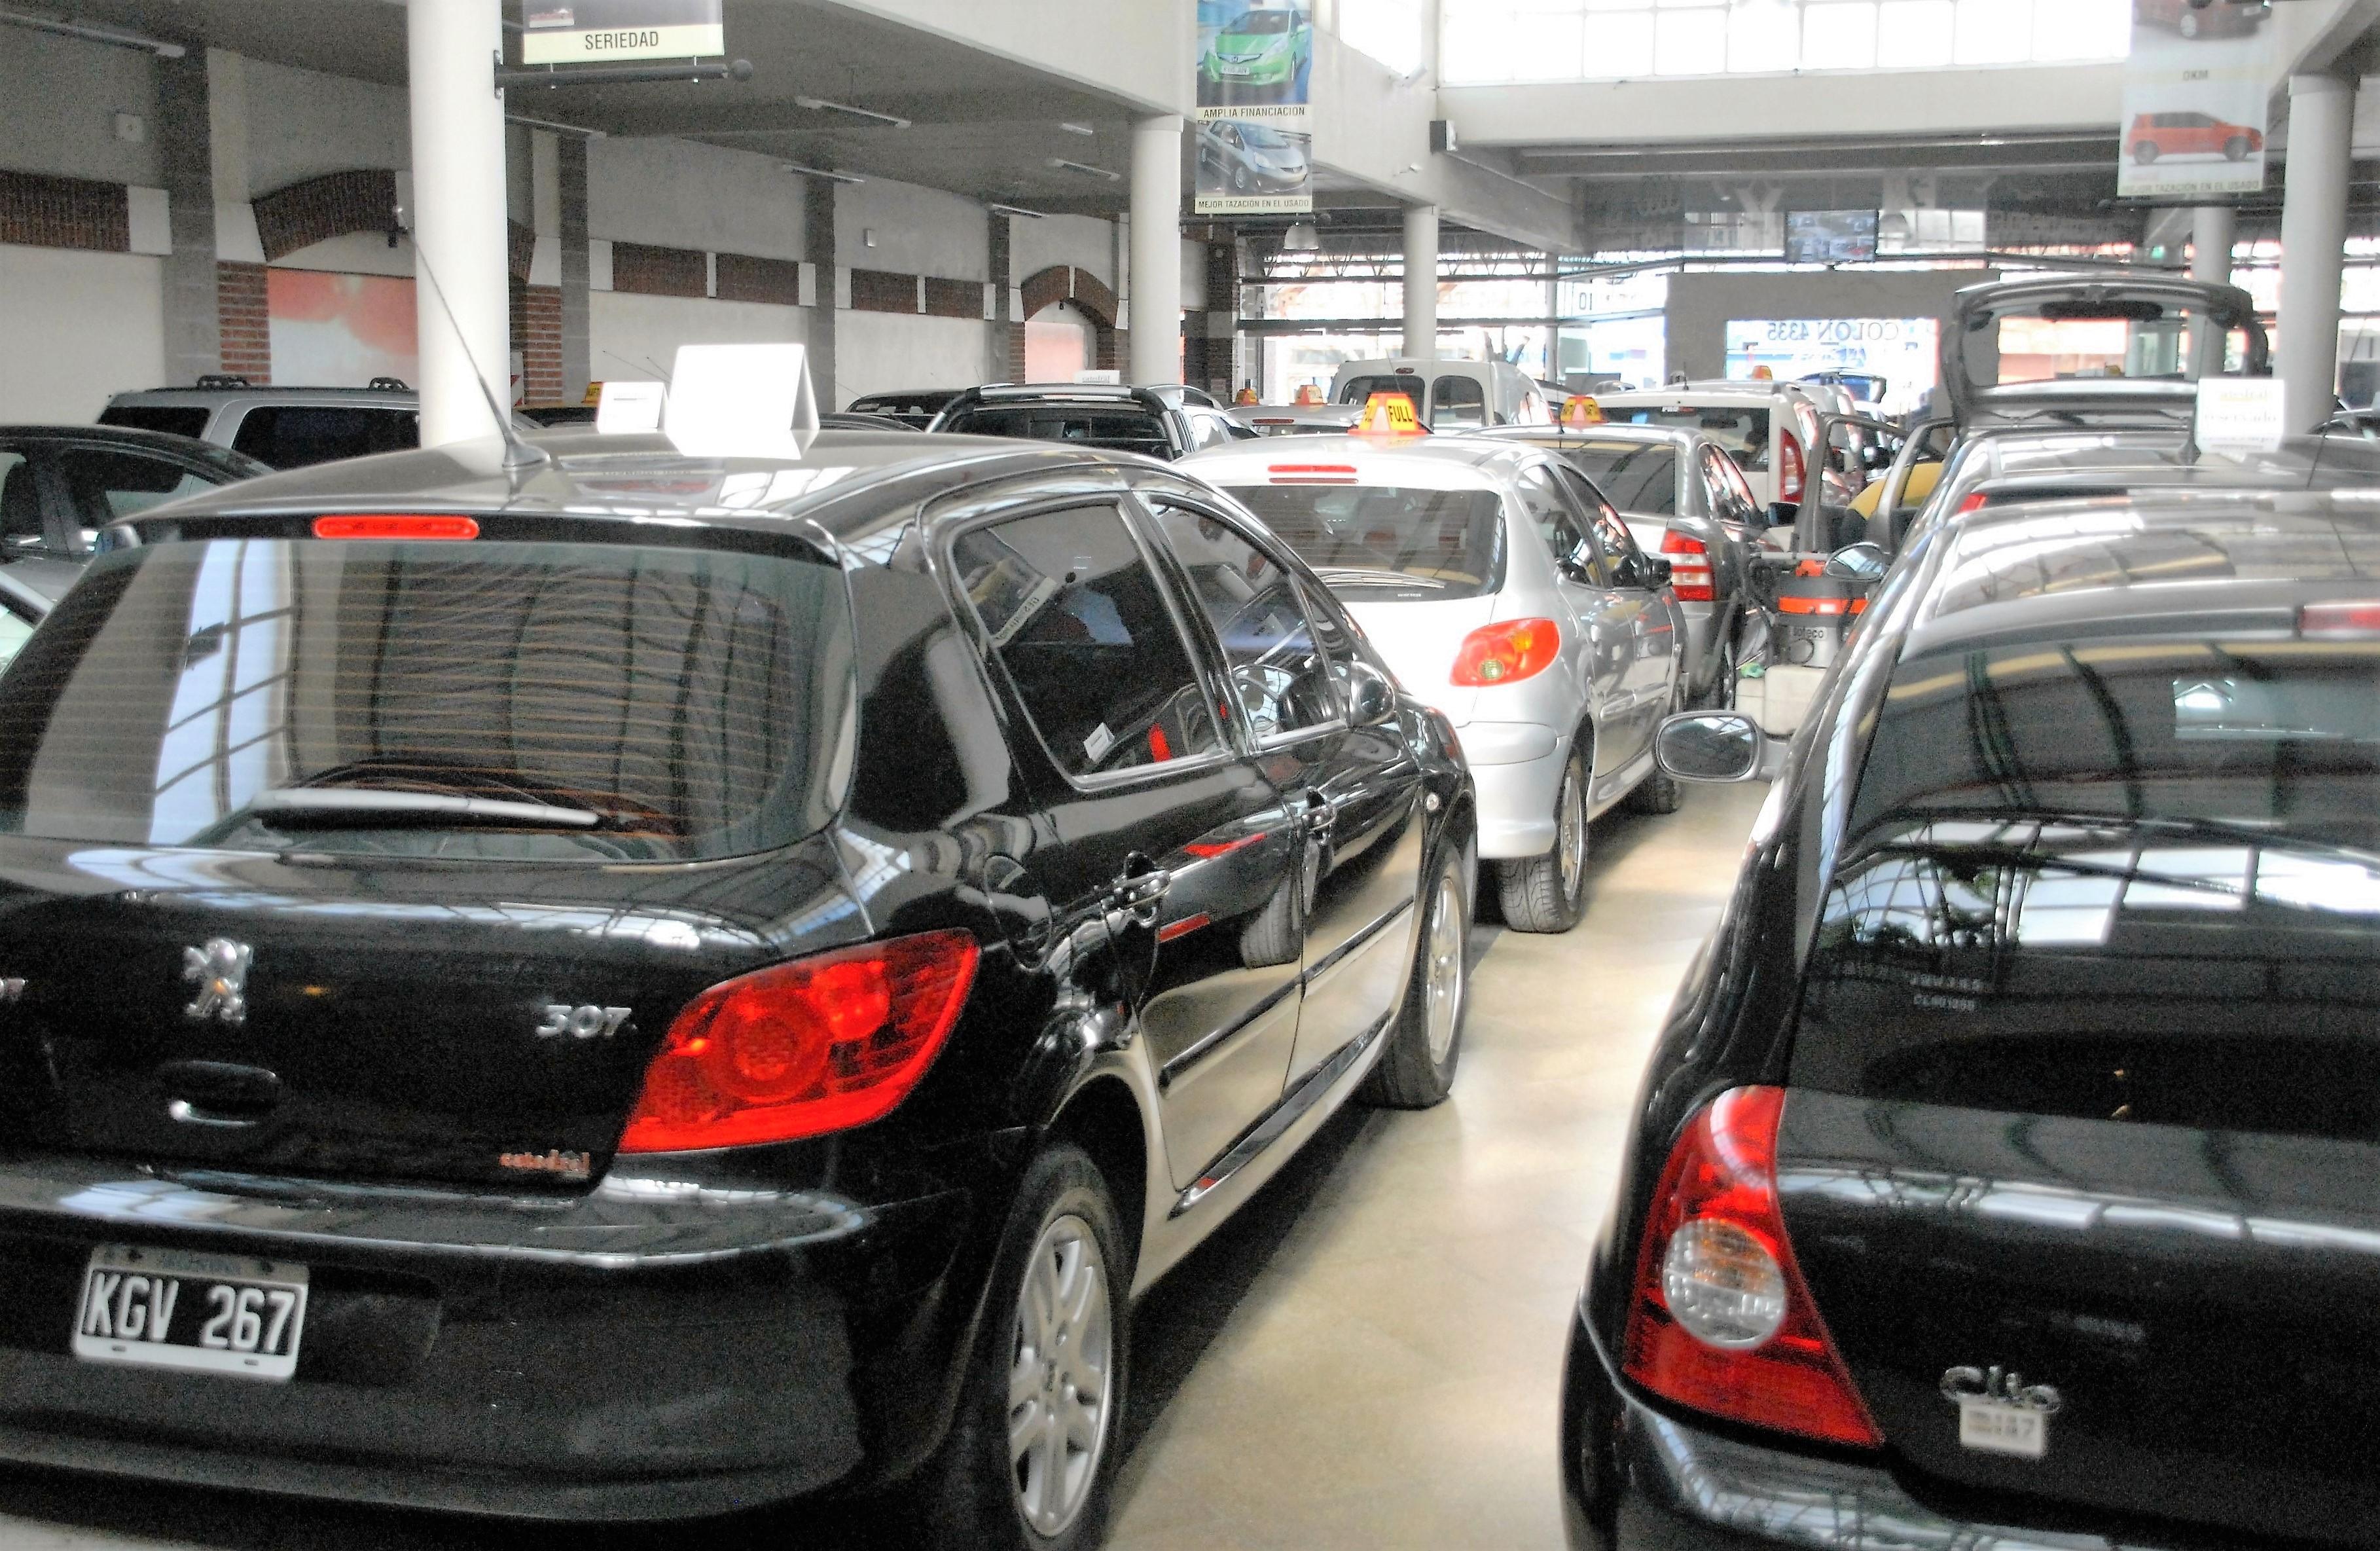 La Venta De Autos Usados Cay 29 92 Por Ciento Diario La